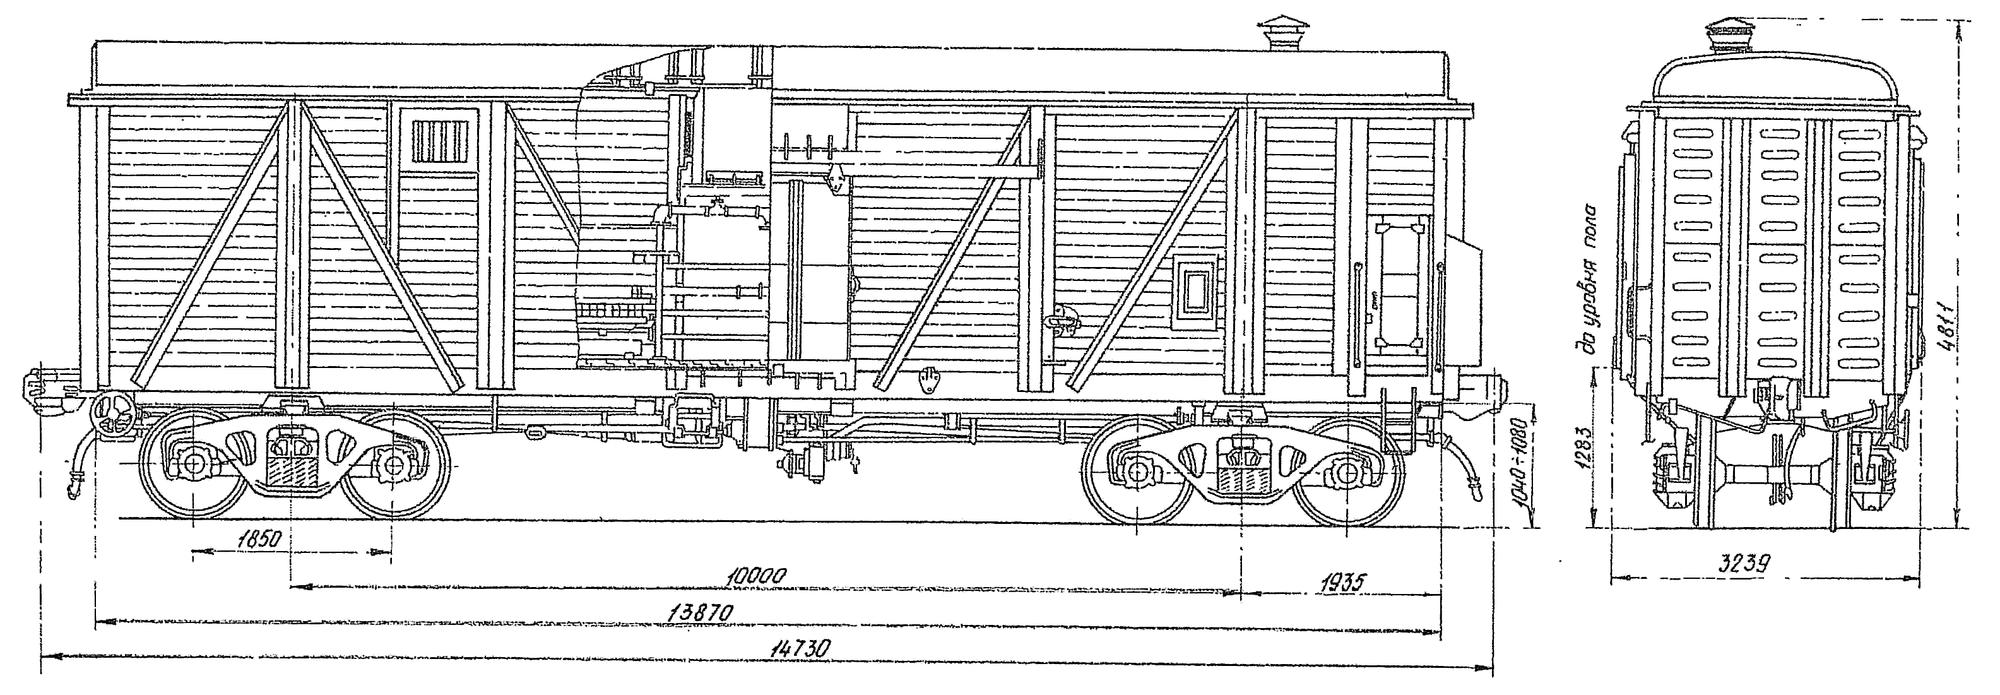 4-осный крытый одноярусный вагон для скота со служебным отделением